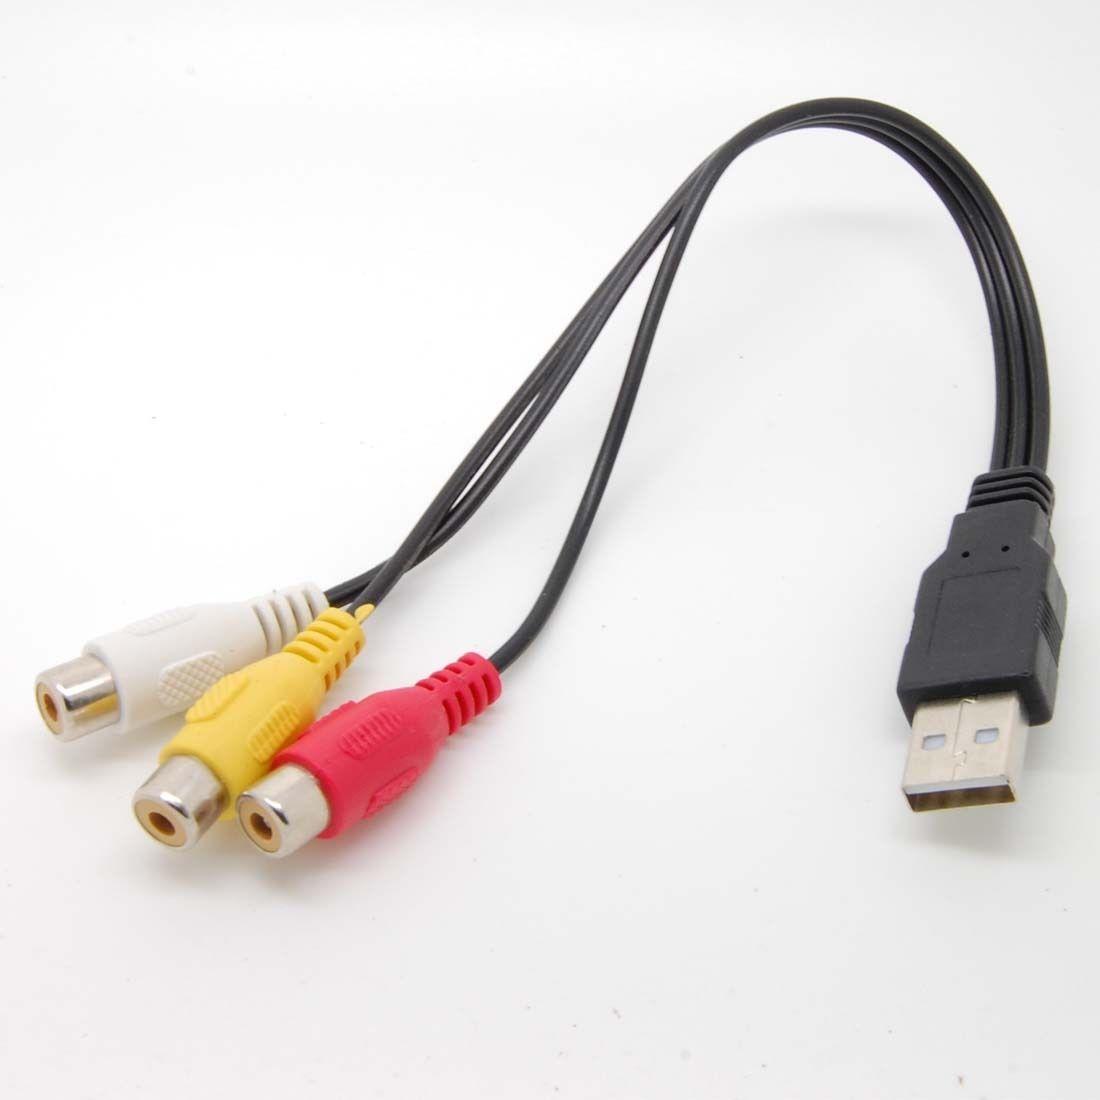 Liefern Usb Weiblichen Zu Männlichen Hdmi Hdtv Adapter Kabel Für Ac1068 Datenkabel